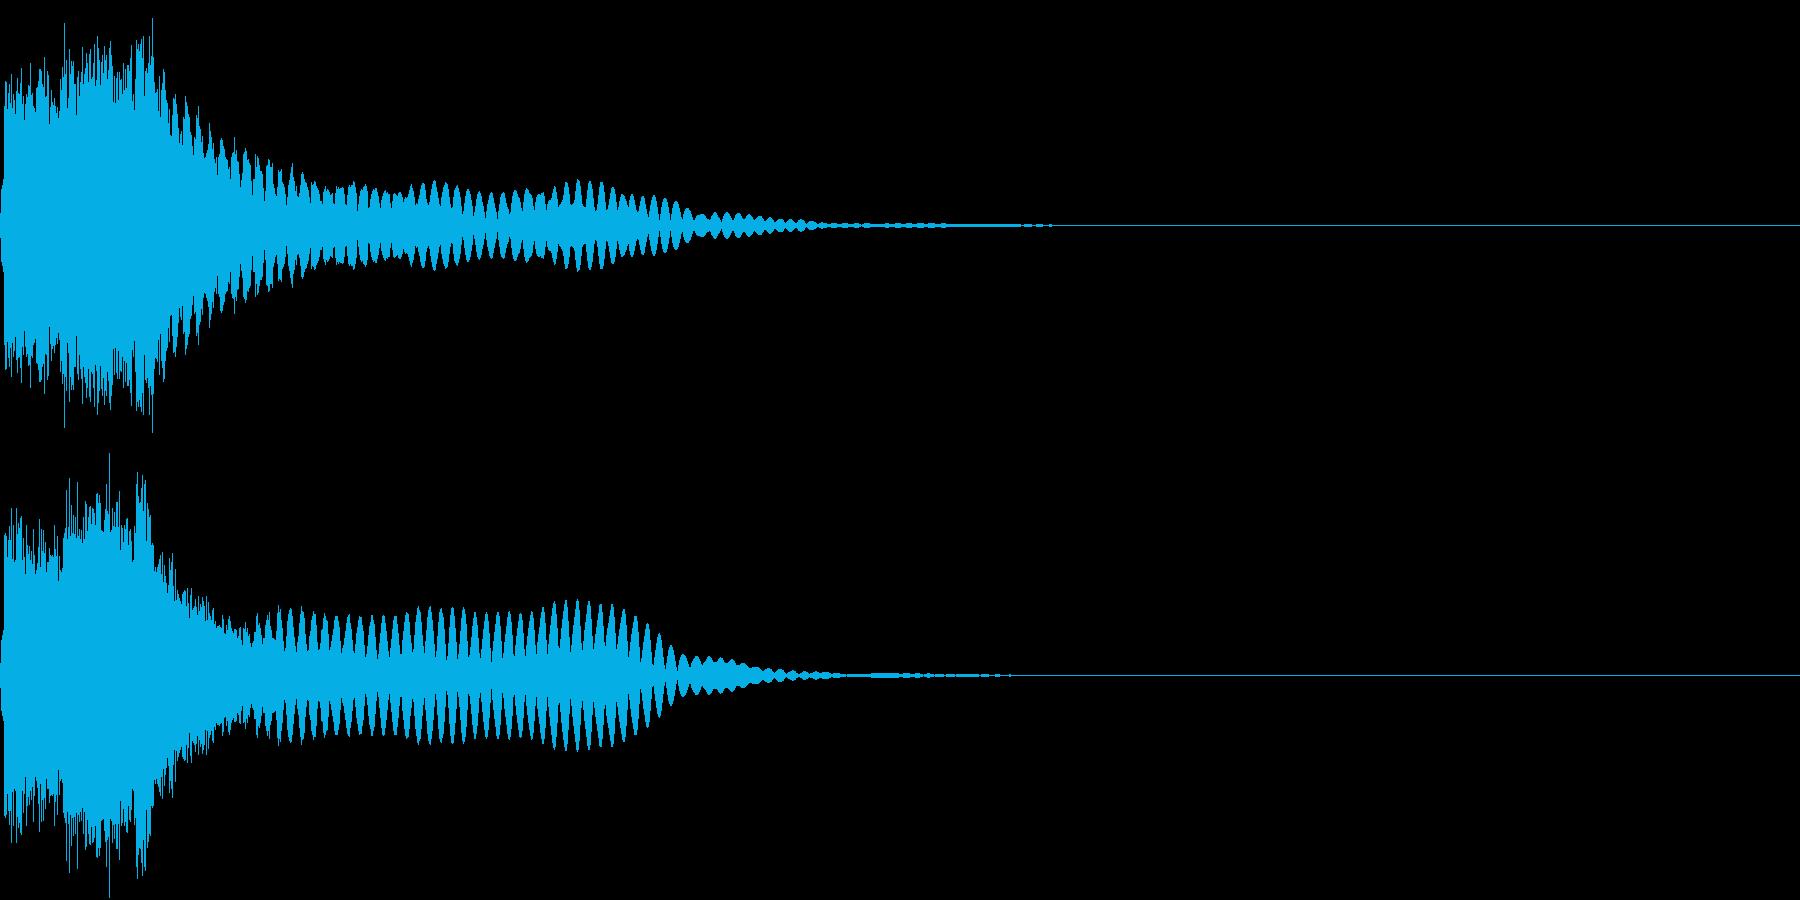 刀 キーン 剣 リアル インパクト Kの再生済みの波形